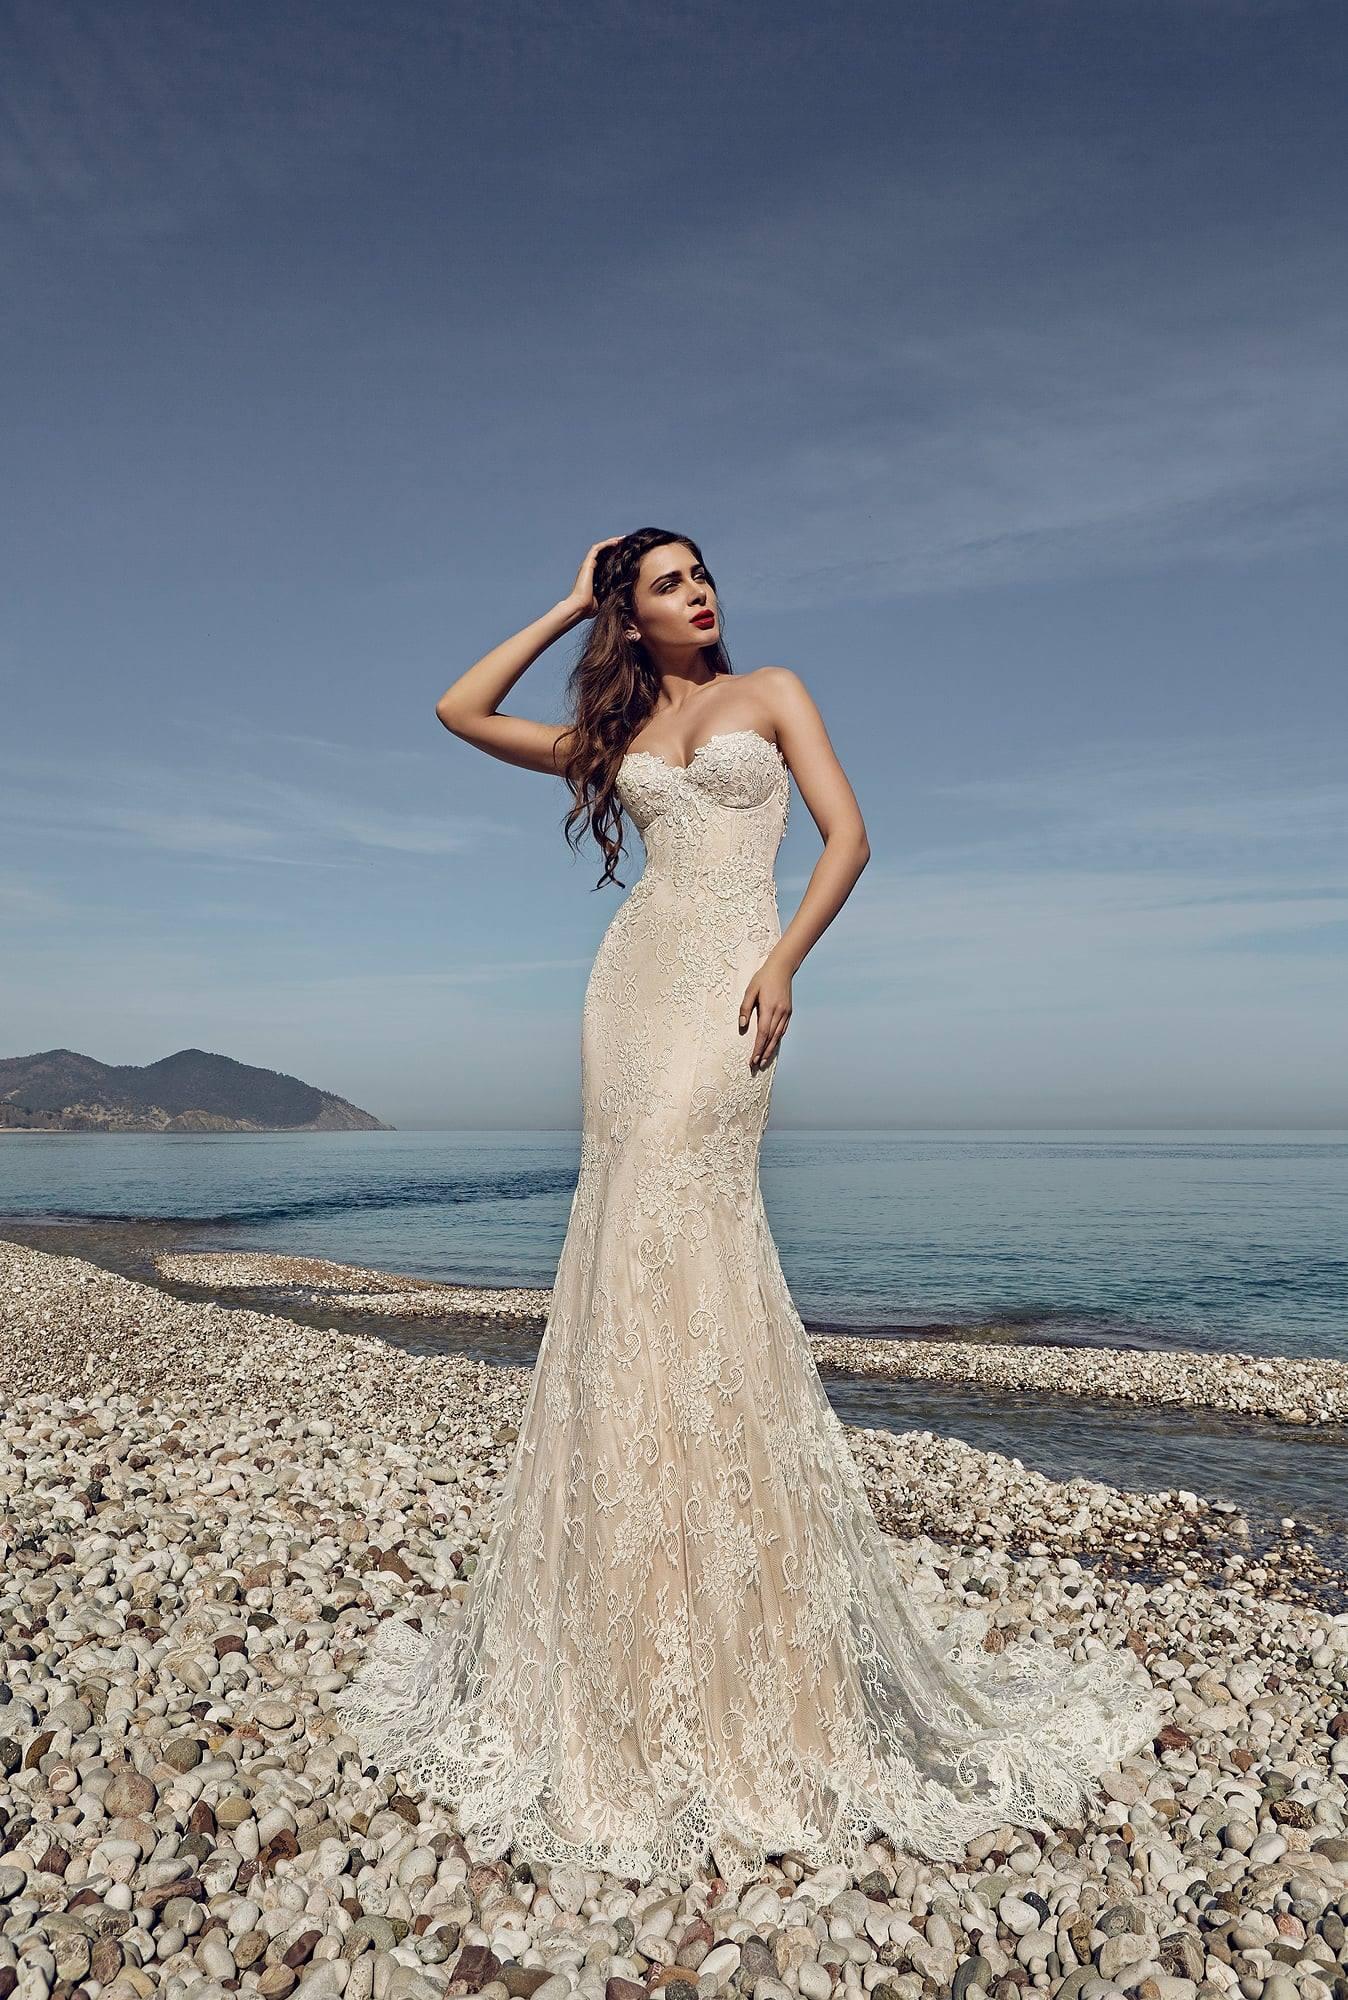 Wedding dress $400, size 8